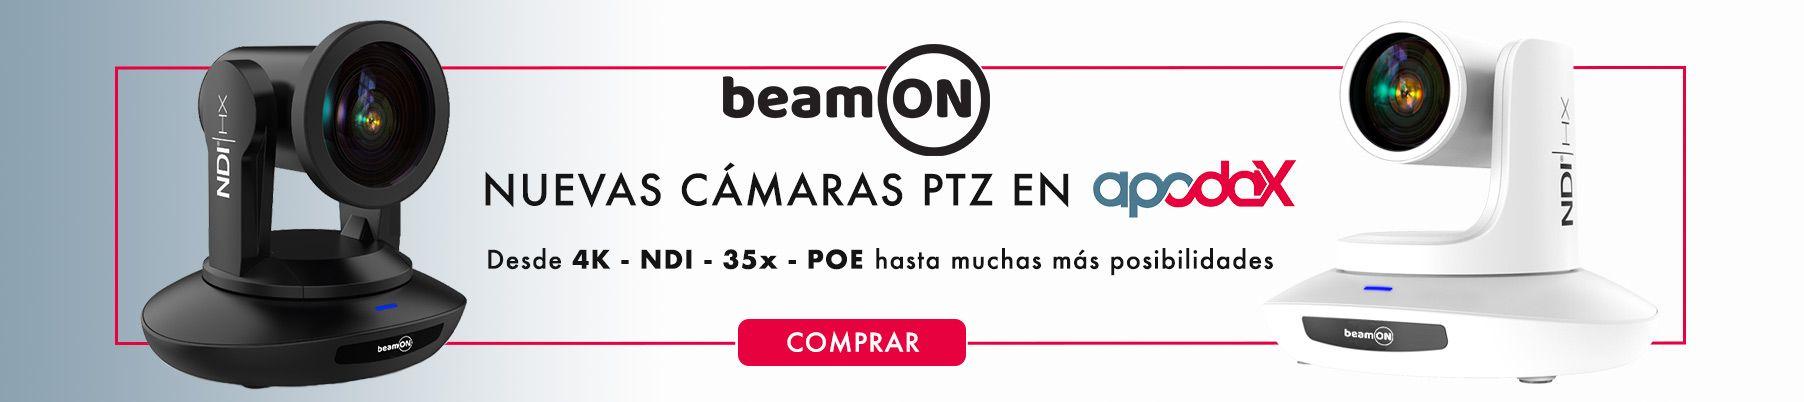 Beamon Cámaras PTZ